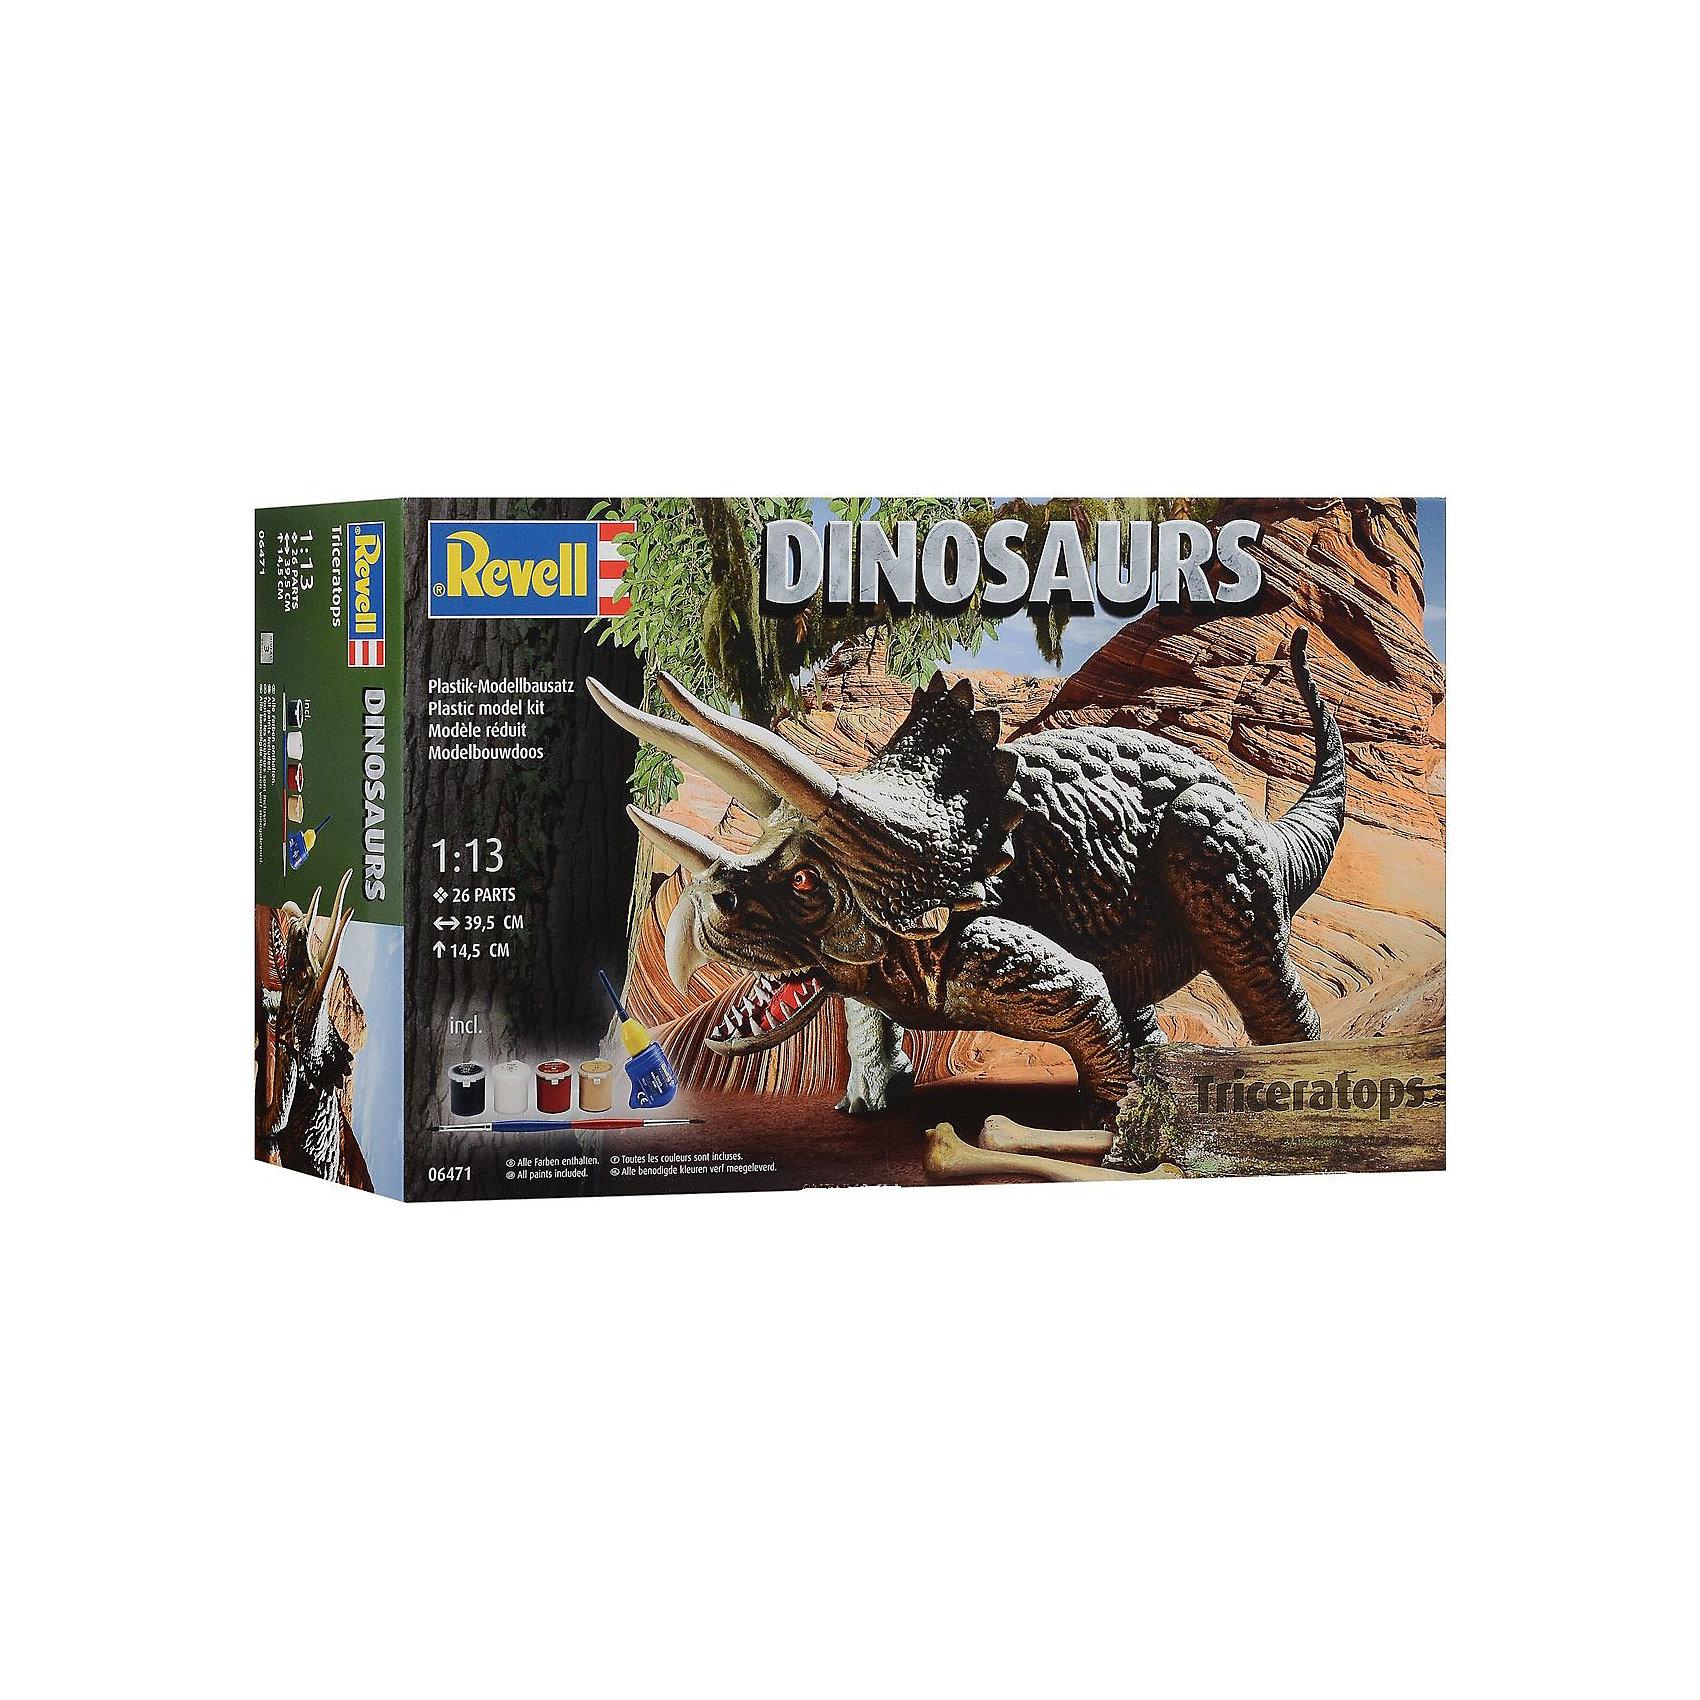 Трицератопс, RevellДраконы и динозавры<br>Характеристики товара:<br><br>• возраст от 10 лет;<br>• материал: пластик;<br>• в комплекте: 26 деталей, 4 банки с краской, кисточка, клей;<br>• размер собранной модели 14,5х39,5 см;<br>• масштаб 1:13;<br>• размер упаковки 44х26х11 см;<br>• вес упаковки 500 гр.;<br>• страна производитель: Польша.<br><br>Сборная модель «Трицератопс» Revell позволит познакомиться с миром доисторических обитателей нашей планеты и собрать модель Трицератопса. Все детали легко соединяются между собой без дополнительных инструментов, для прочности они склеиваются между собой. Готовую модель детям предстоит самостоятельно раскрасить акриловыми красками. Такое занятие не только увлечет ребенка, но и способствует развитию моторики рук, логического мышления, усидчивости.<br><br>Трицератопса Revell можно приобрести в нашем интернет-магазине.<br><br>Ширина мм: 440<br>Глубина мм: 248<br>Высота мм: 115<br>Вес г: 752<br>Возраст от месяцев: 120<br>Возраст до месяцев: 180<br>Пол: Мужской<br>Возраст: Детский<br>SKU: 4150237